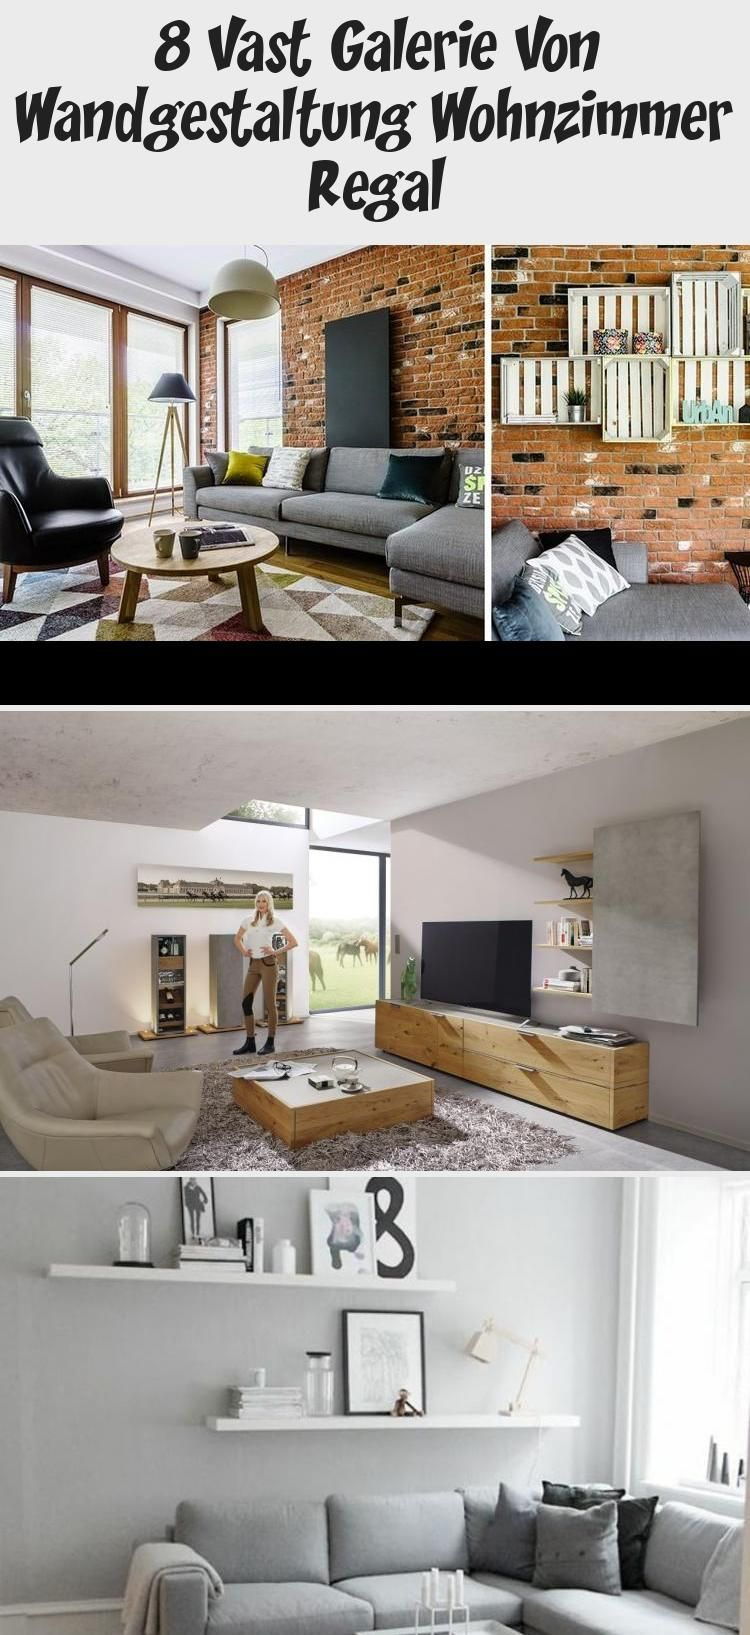 8 Vast Galerie Von Wandgestaltung Wohnzimmer Regal In 2020 Home